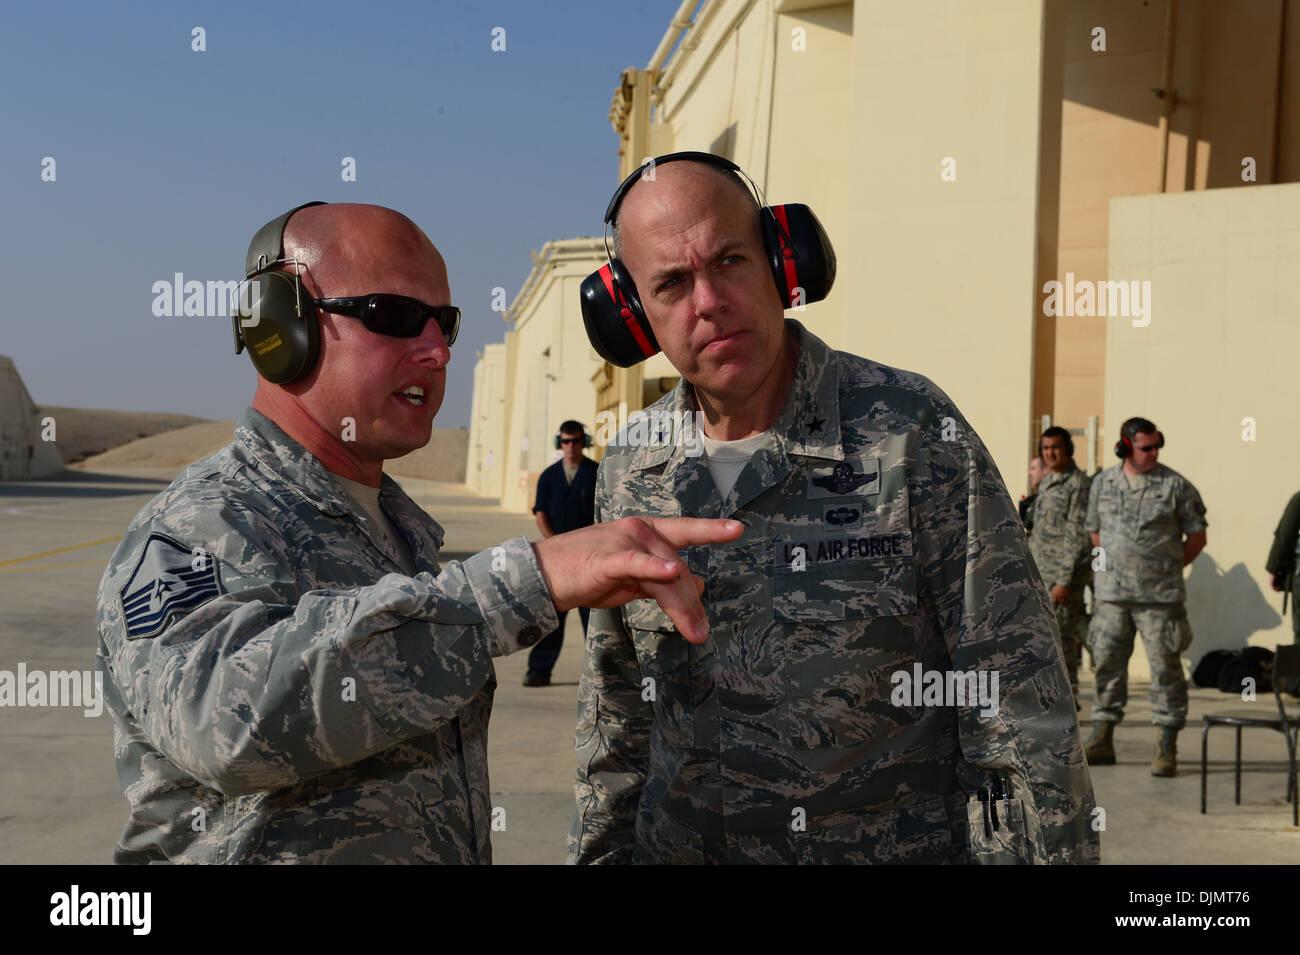 Master Sgt. Jeremy Carlock, 48th Manutenzione aeromobili squadrone productions soprintendente colloqui con il Brig. Gen. Giovanni Shapland, U Immagini Stock